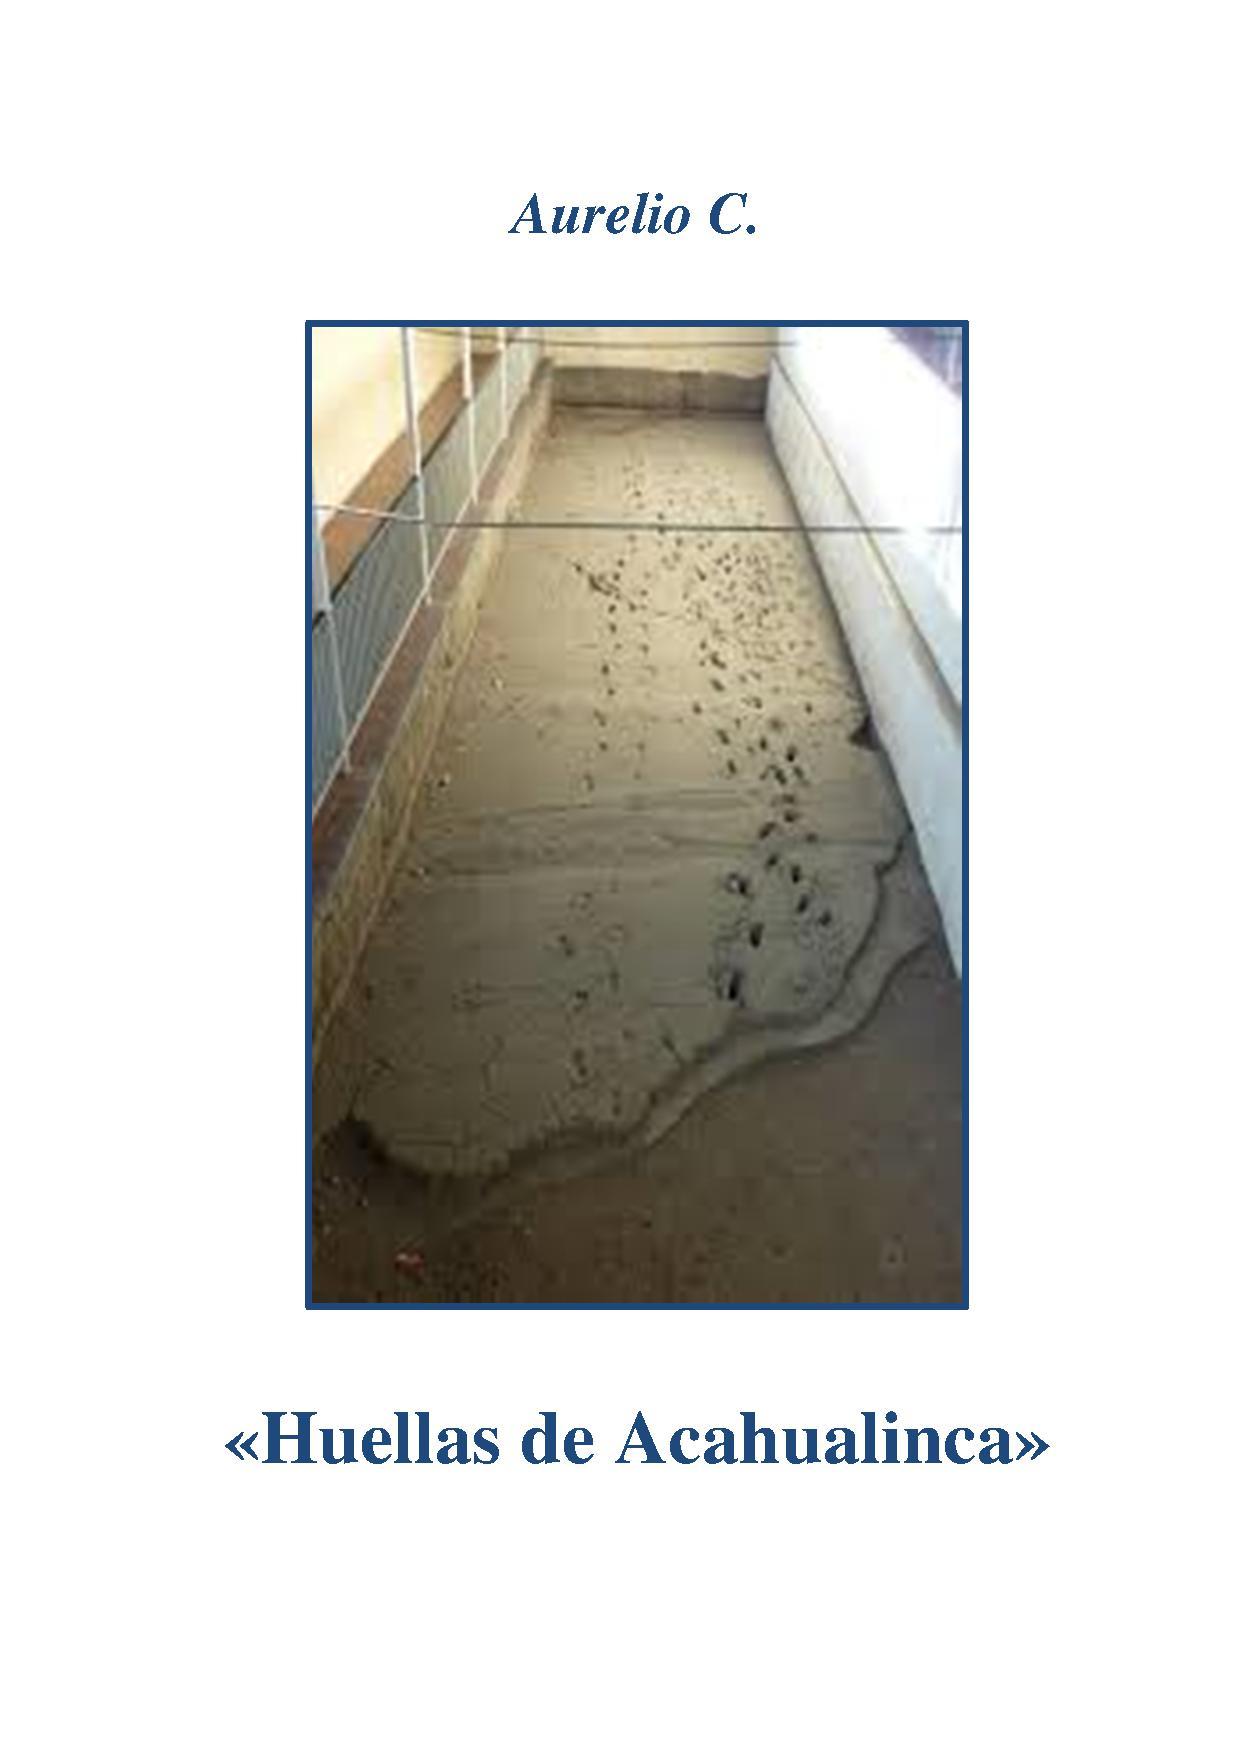 huellas_de_acahualinca - Aurelio C.